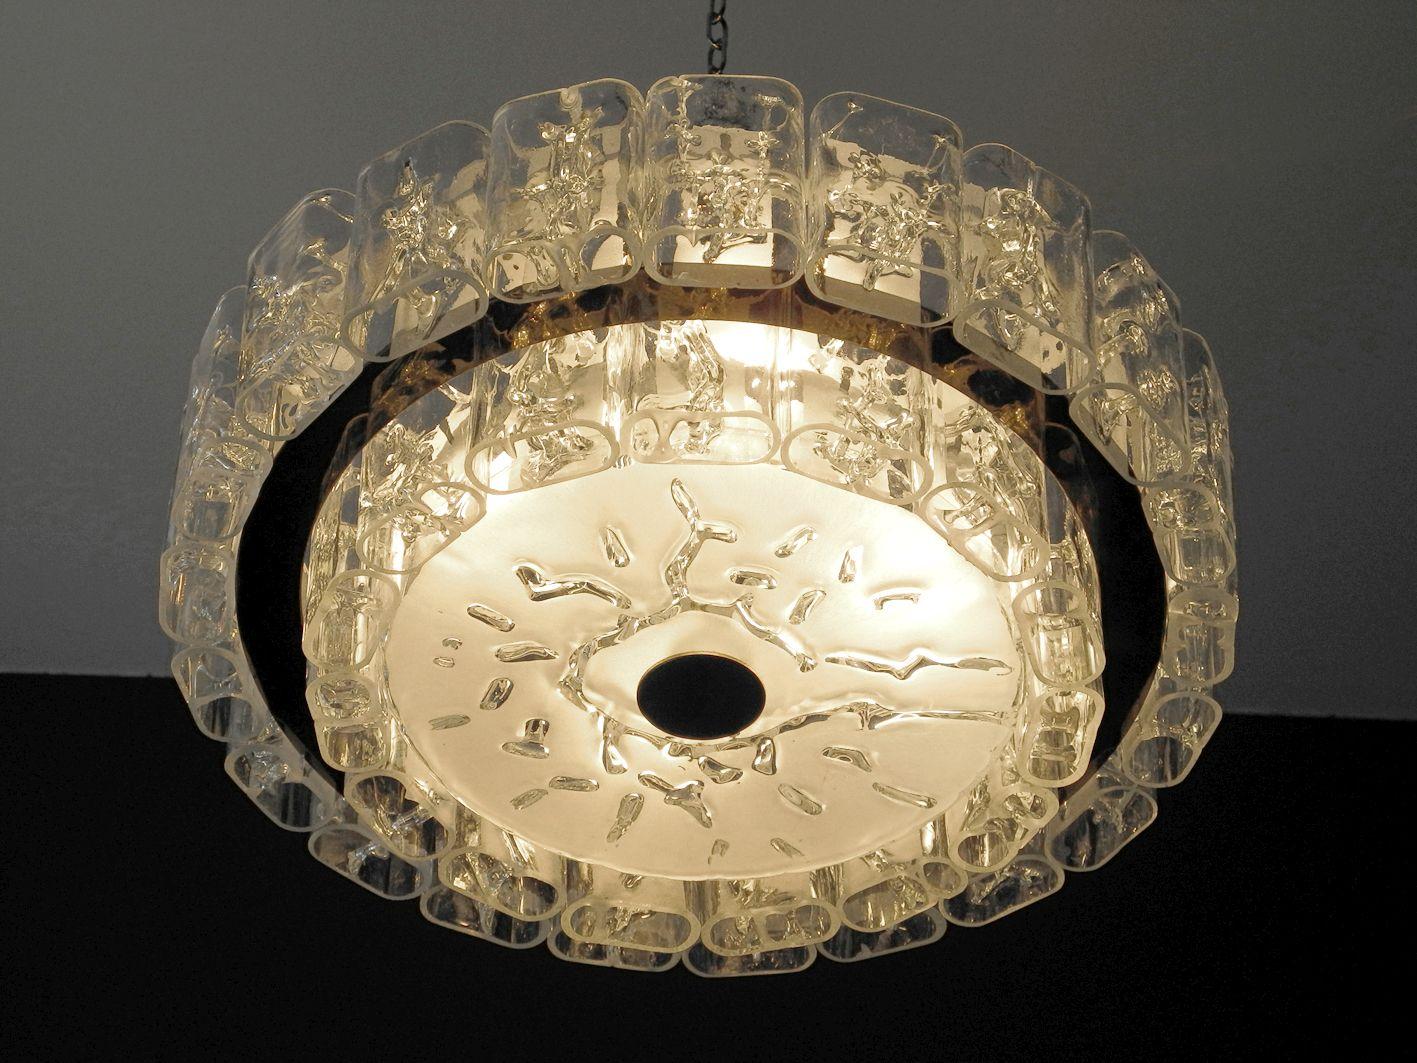 Kronleuchter Xxl Modern ~ Er vintage xxl tütenlampe deckenlampe retro kronleuchter lampe